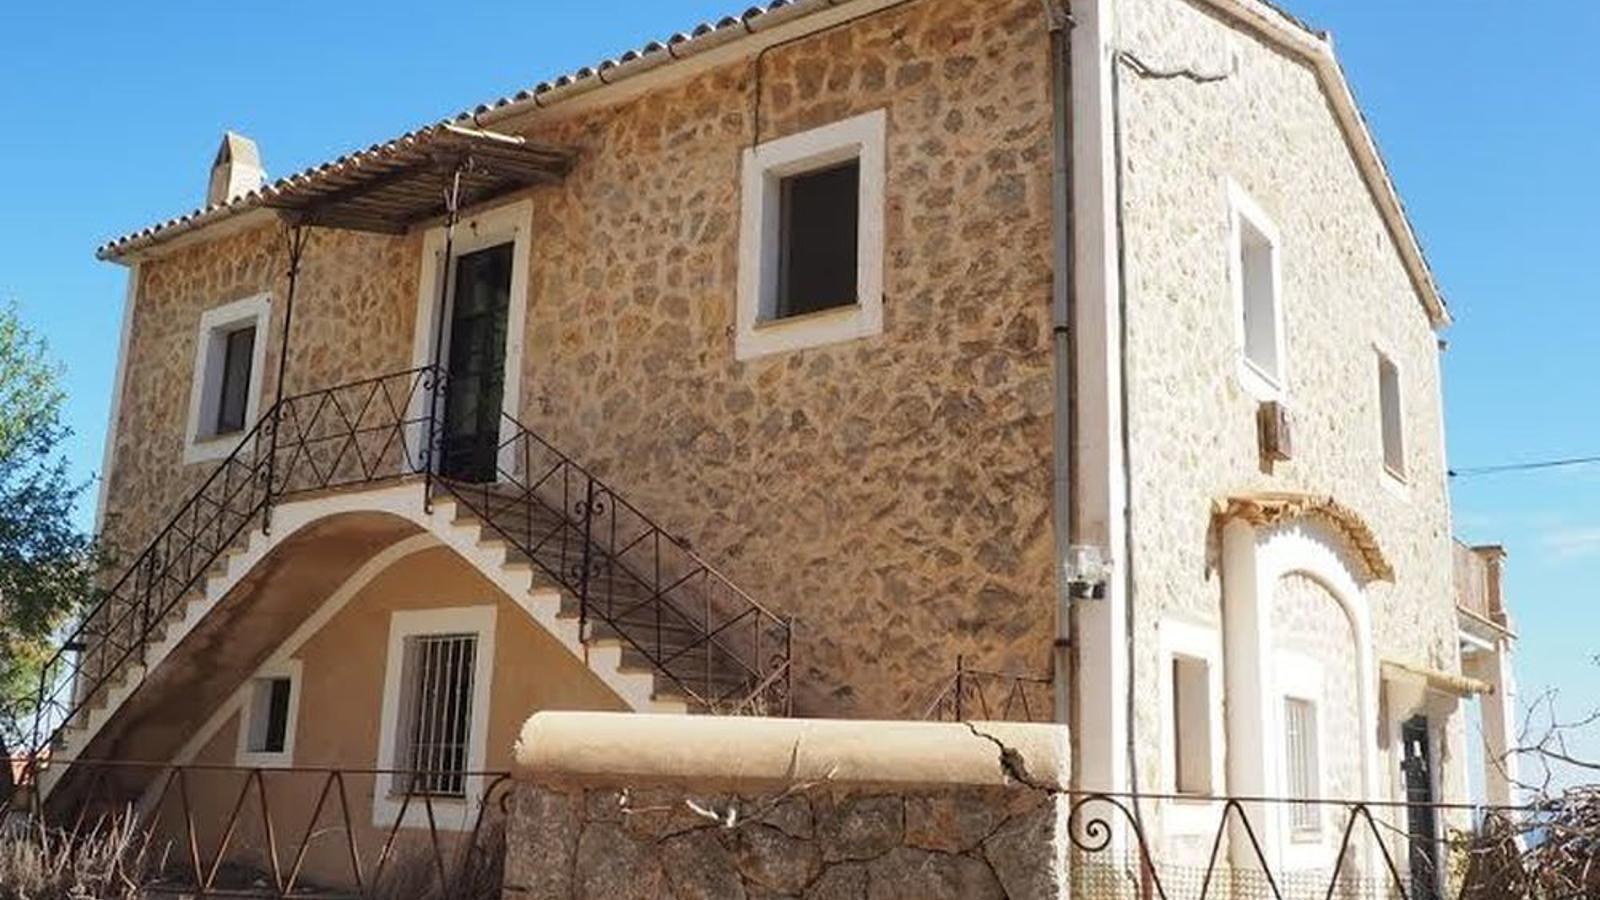 La cas de Gènova on hi va viure Manuel de Falla.